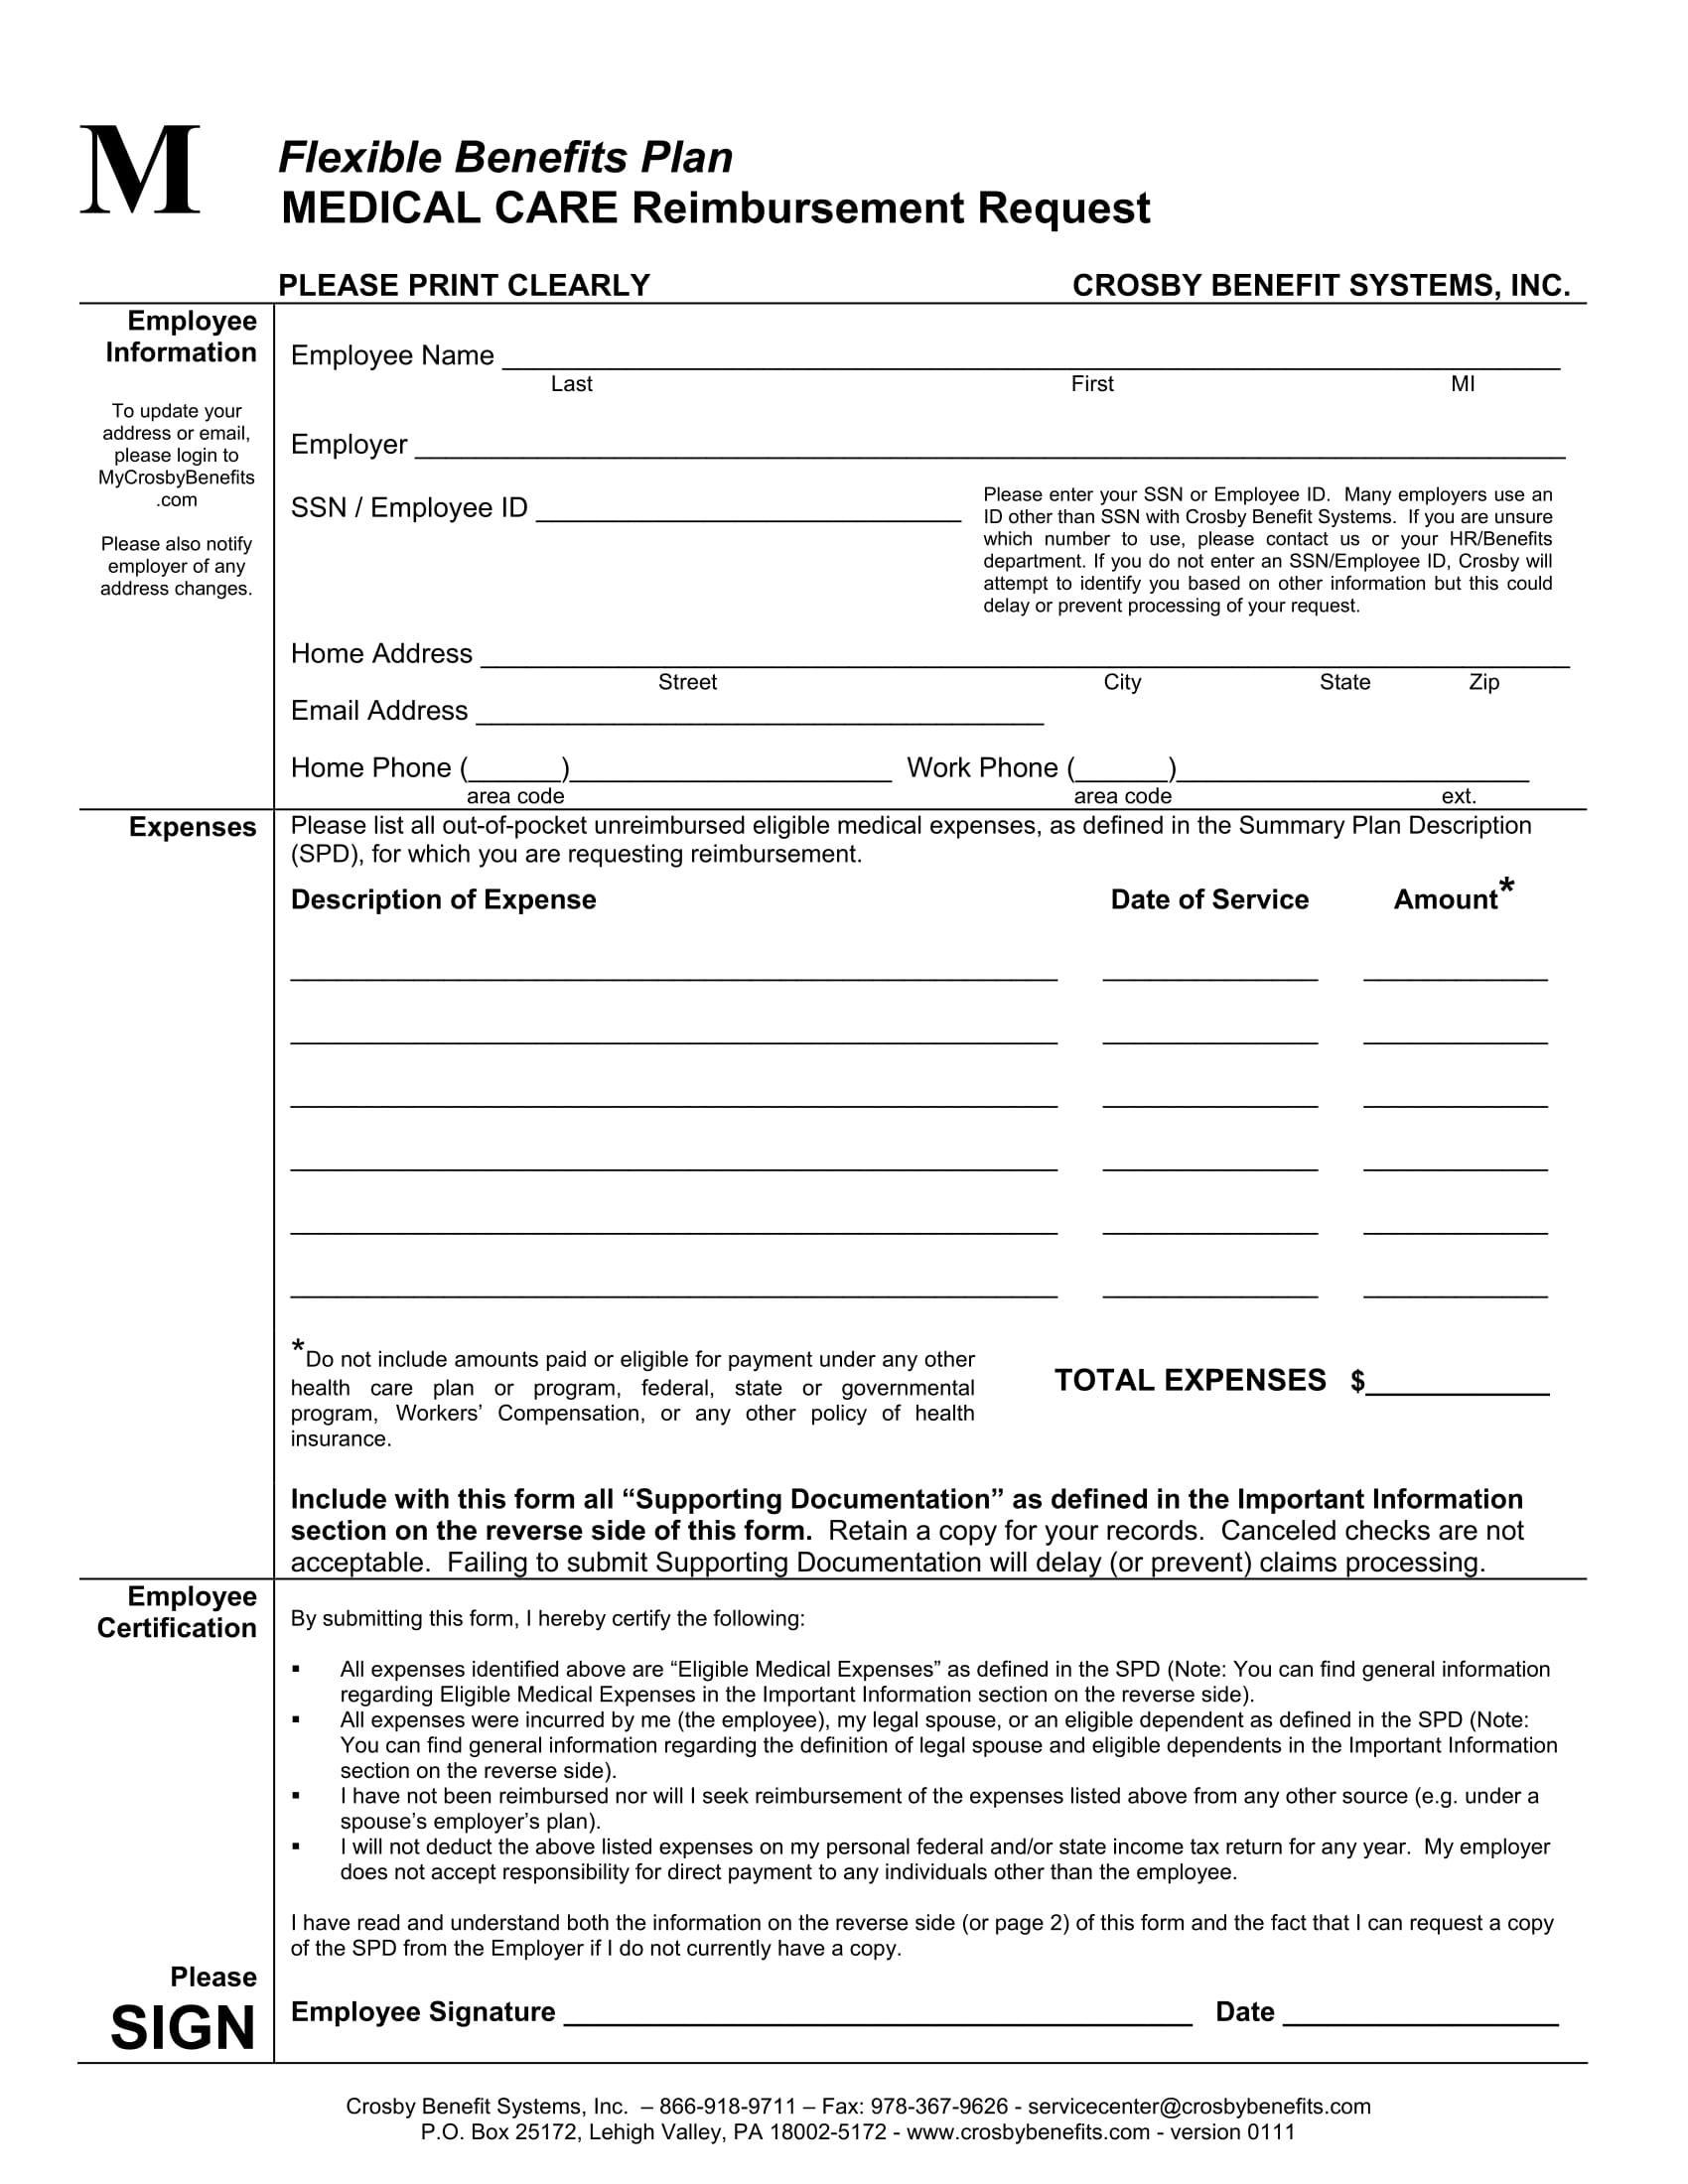 medical care reimbursement request form 11